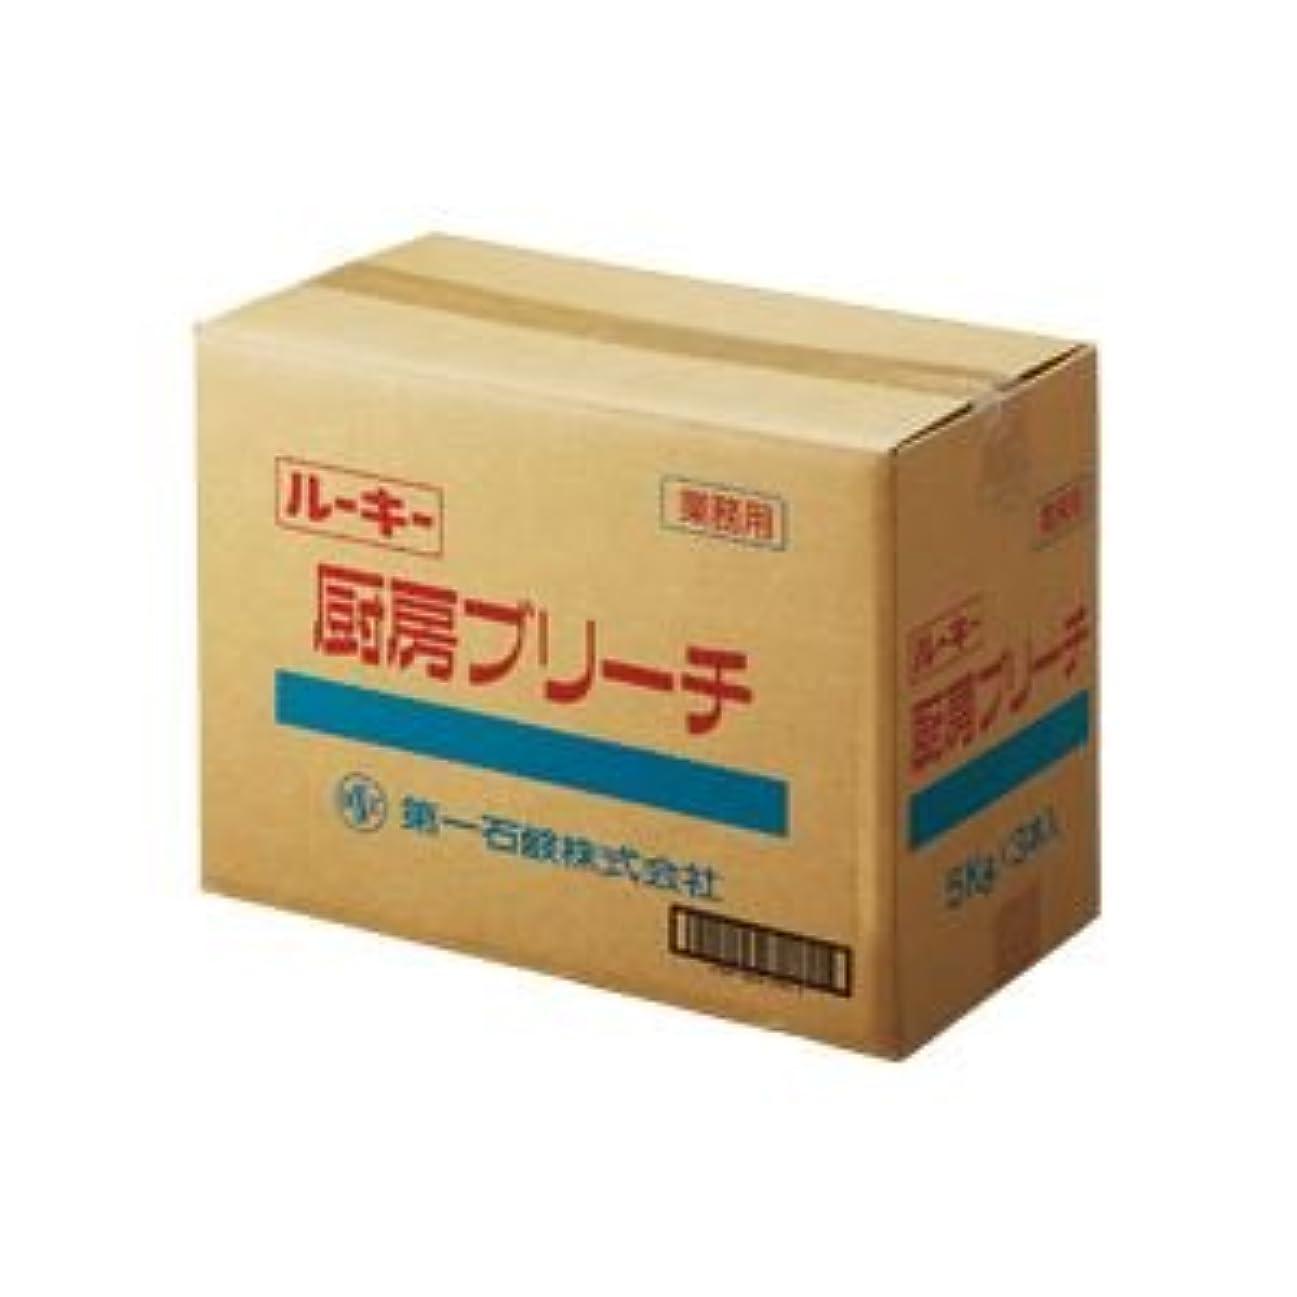 壁吸収する促す(まとめ) 第一石鹸 ルーキー 厨房ブリーチ 業務用 5kg/本 1セット(3本) 【×2セット】